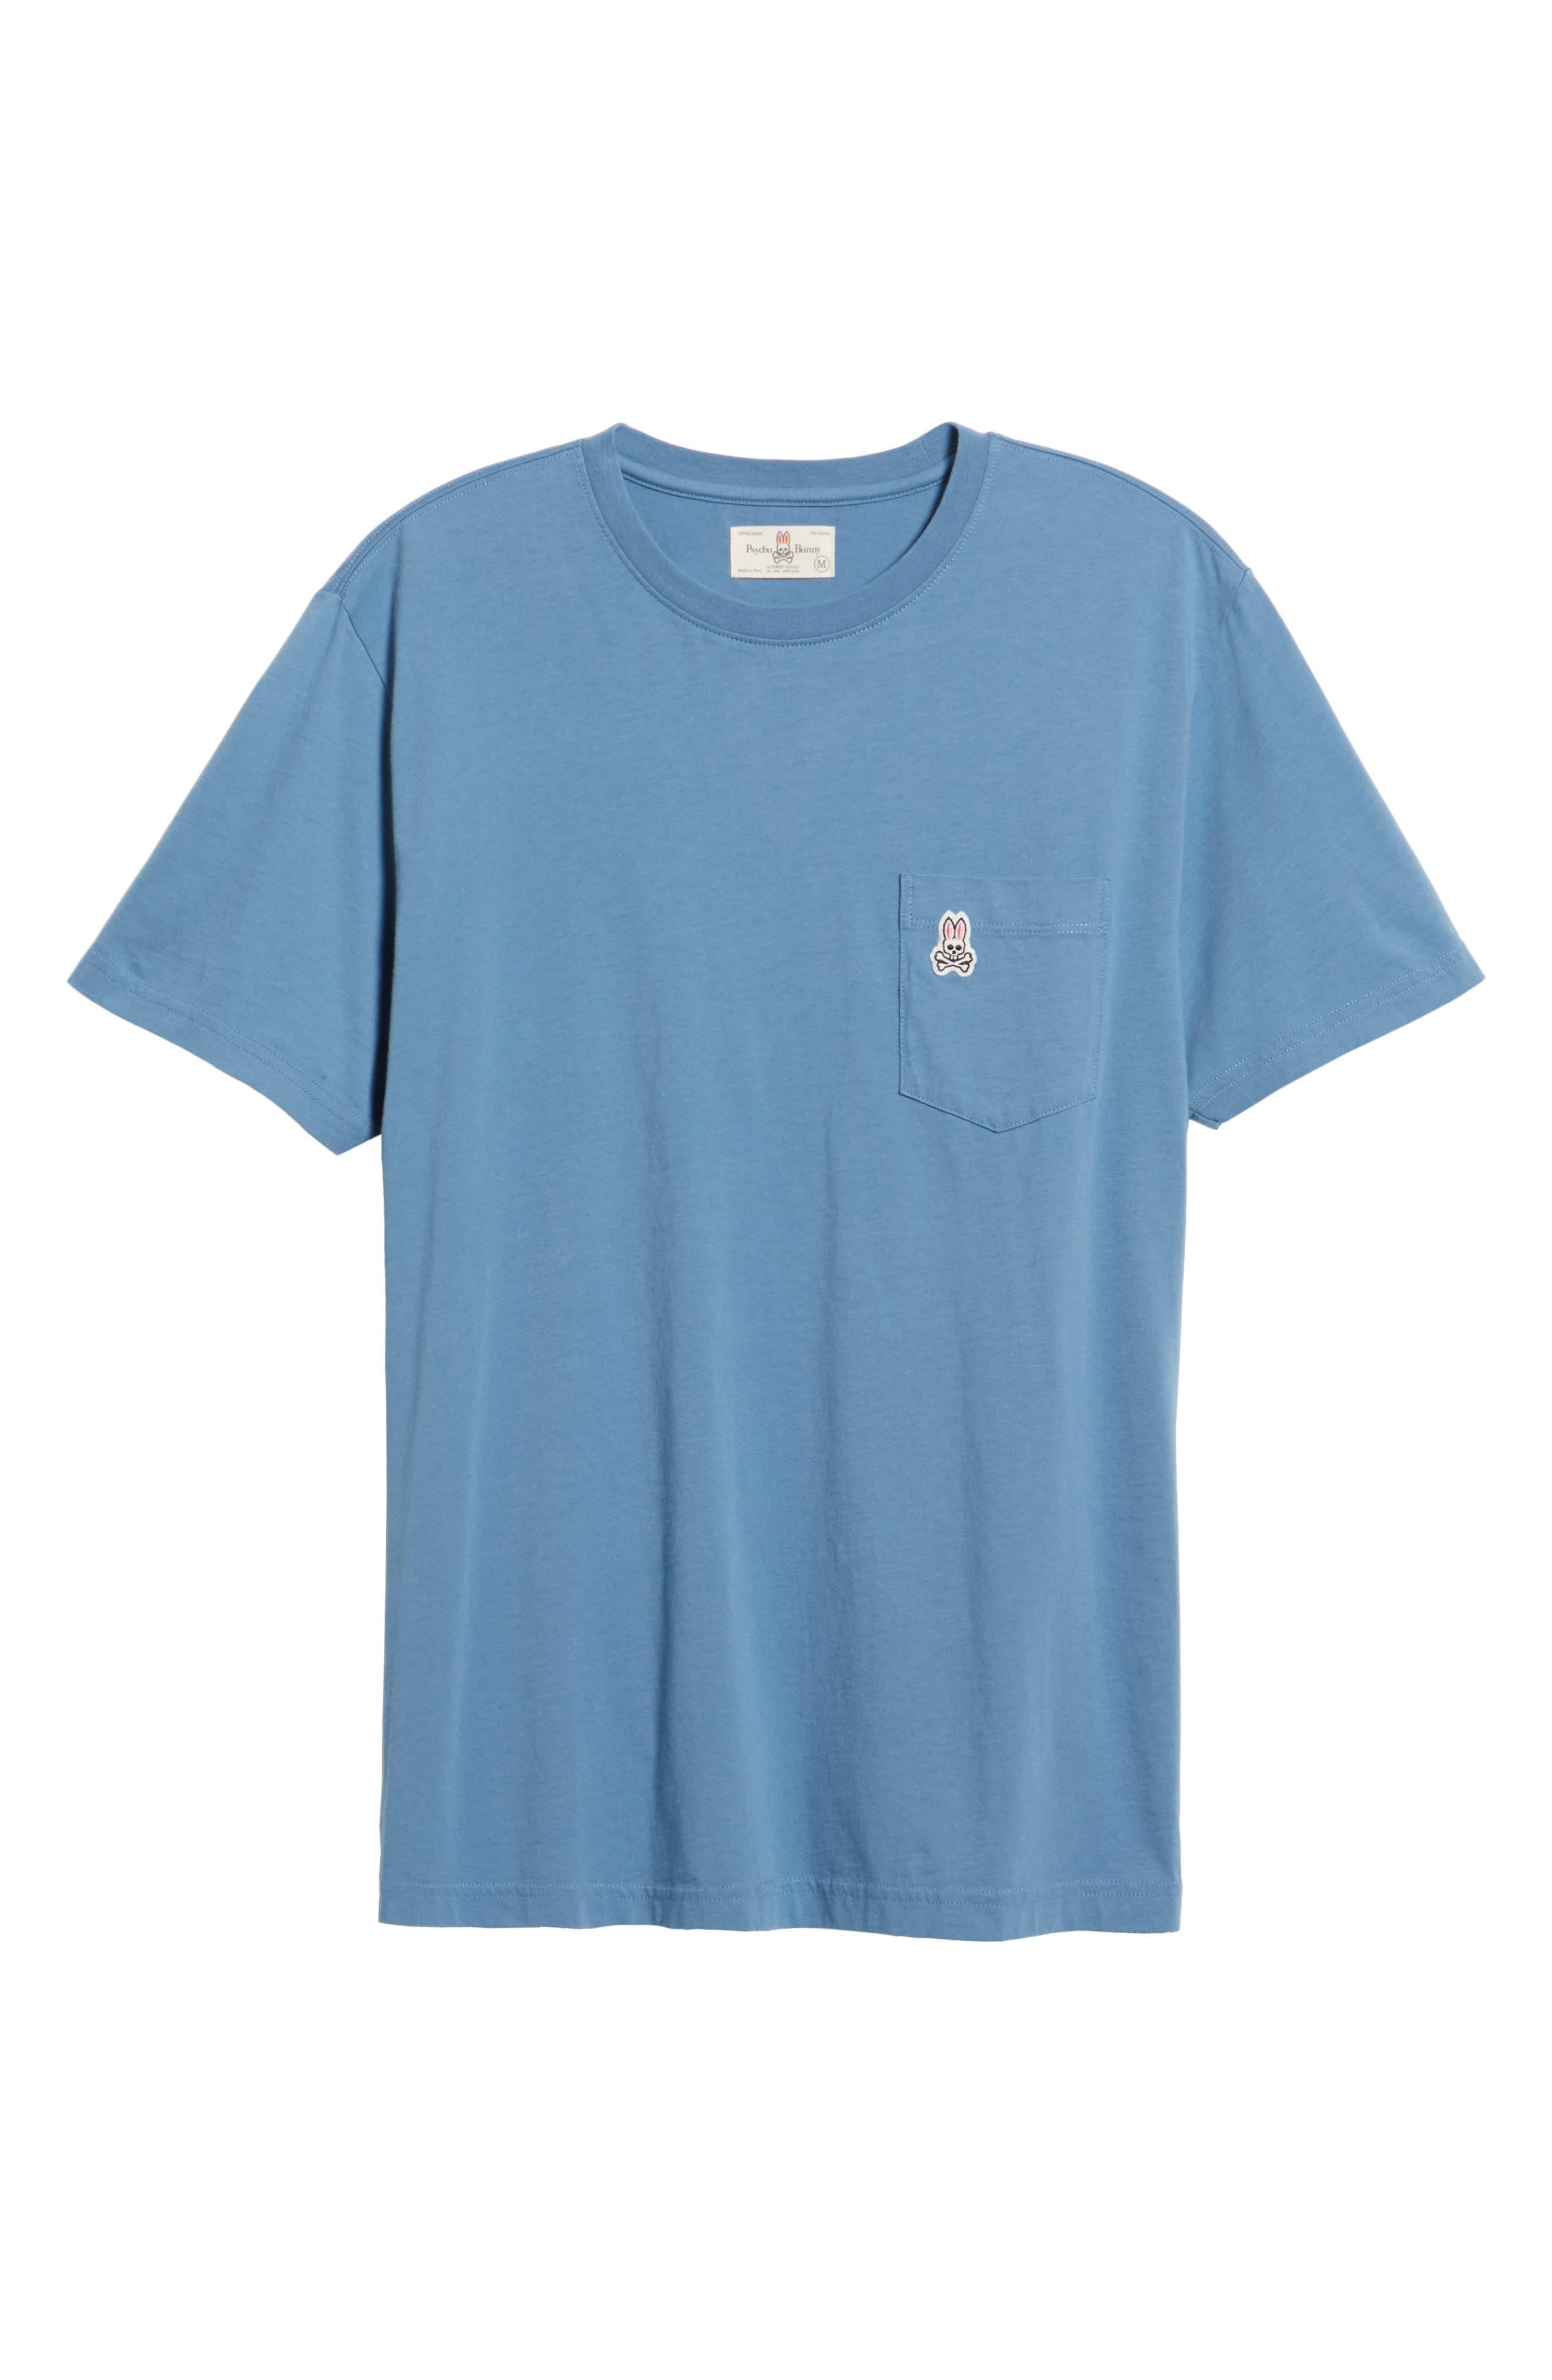 Appliqué Pocket T-Shirt,                             Alternate thumbnail 6, color,                             476